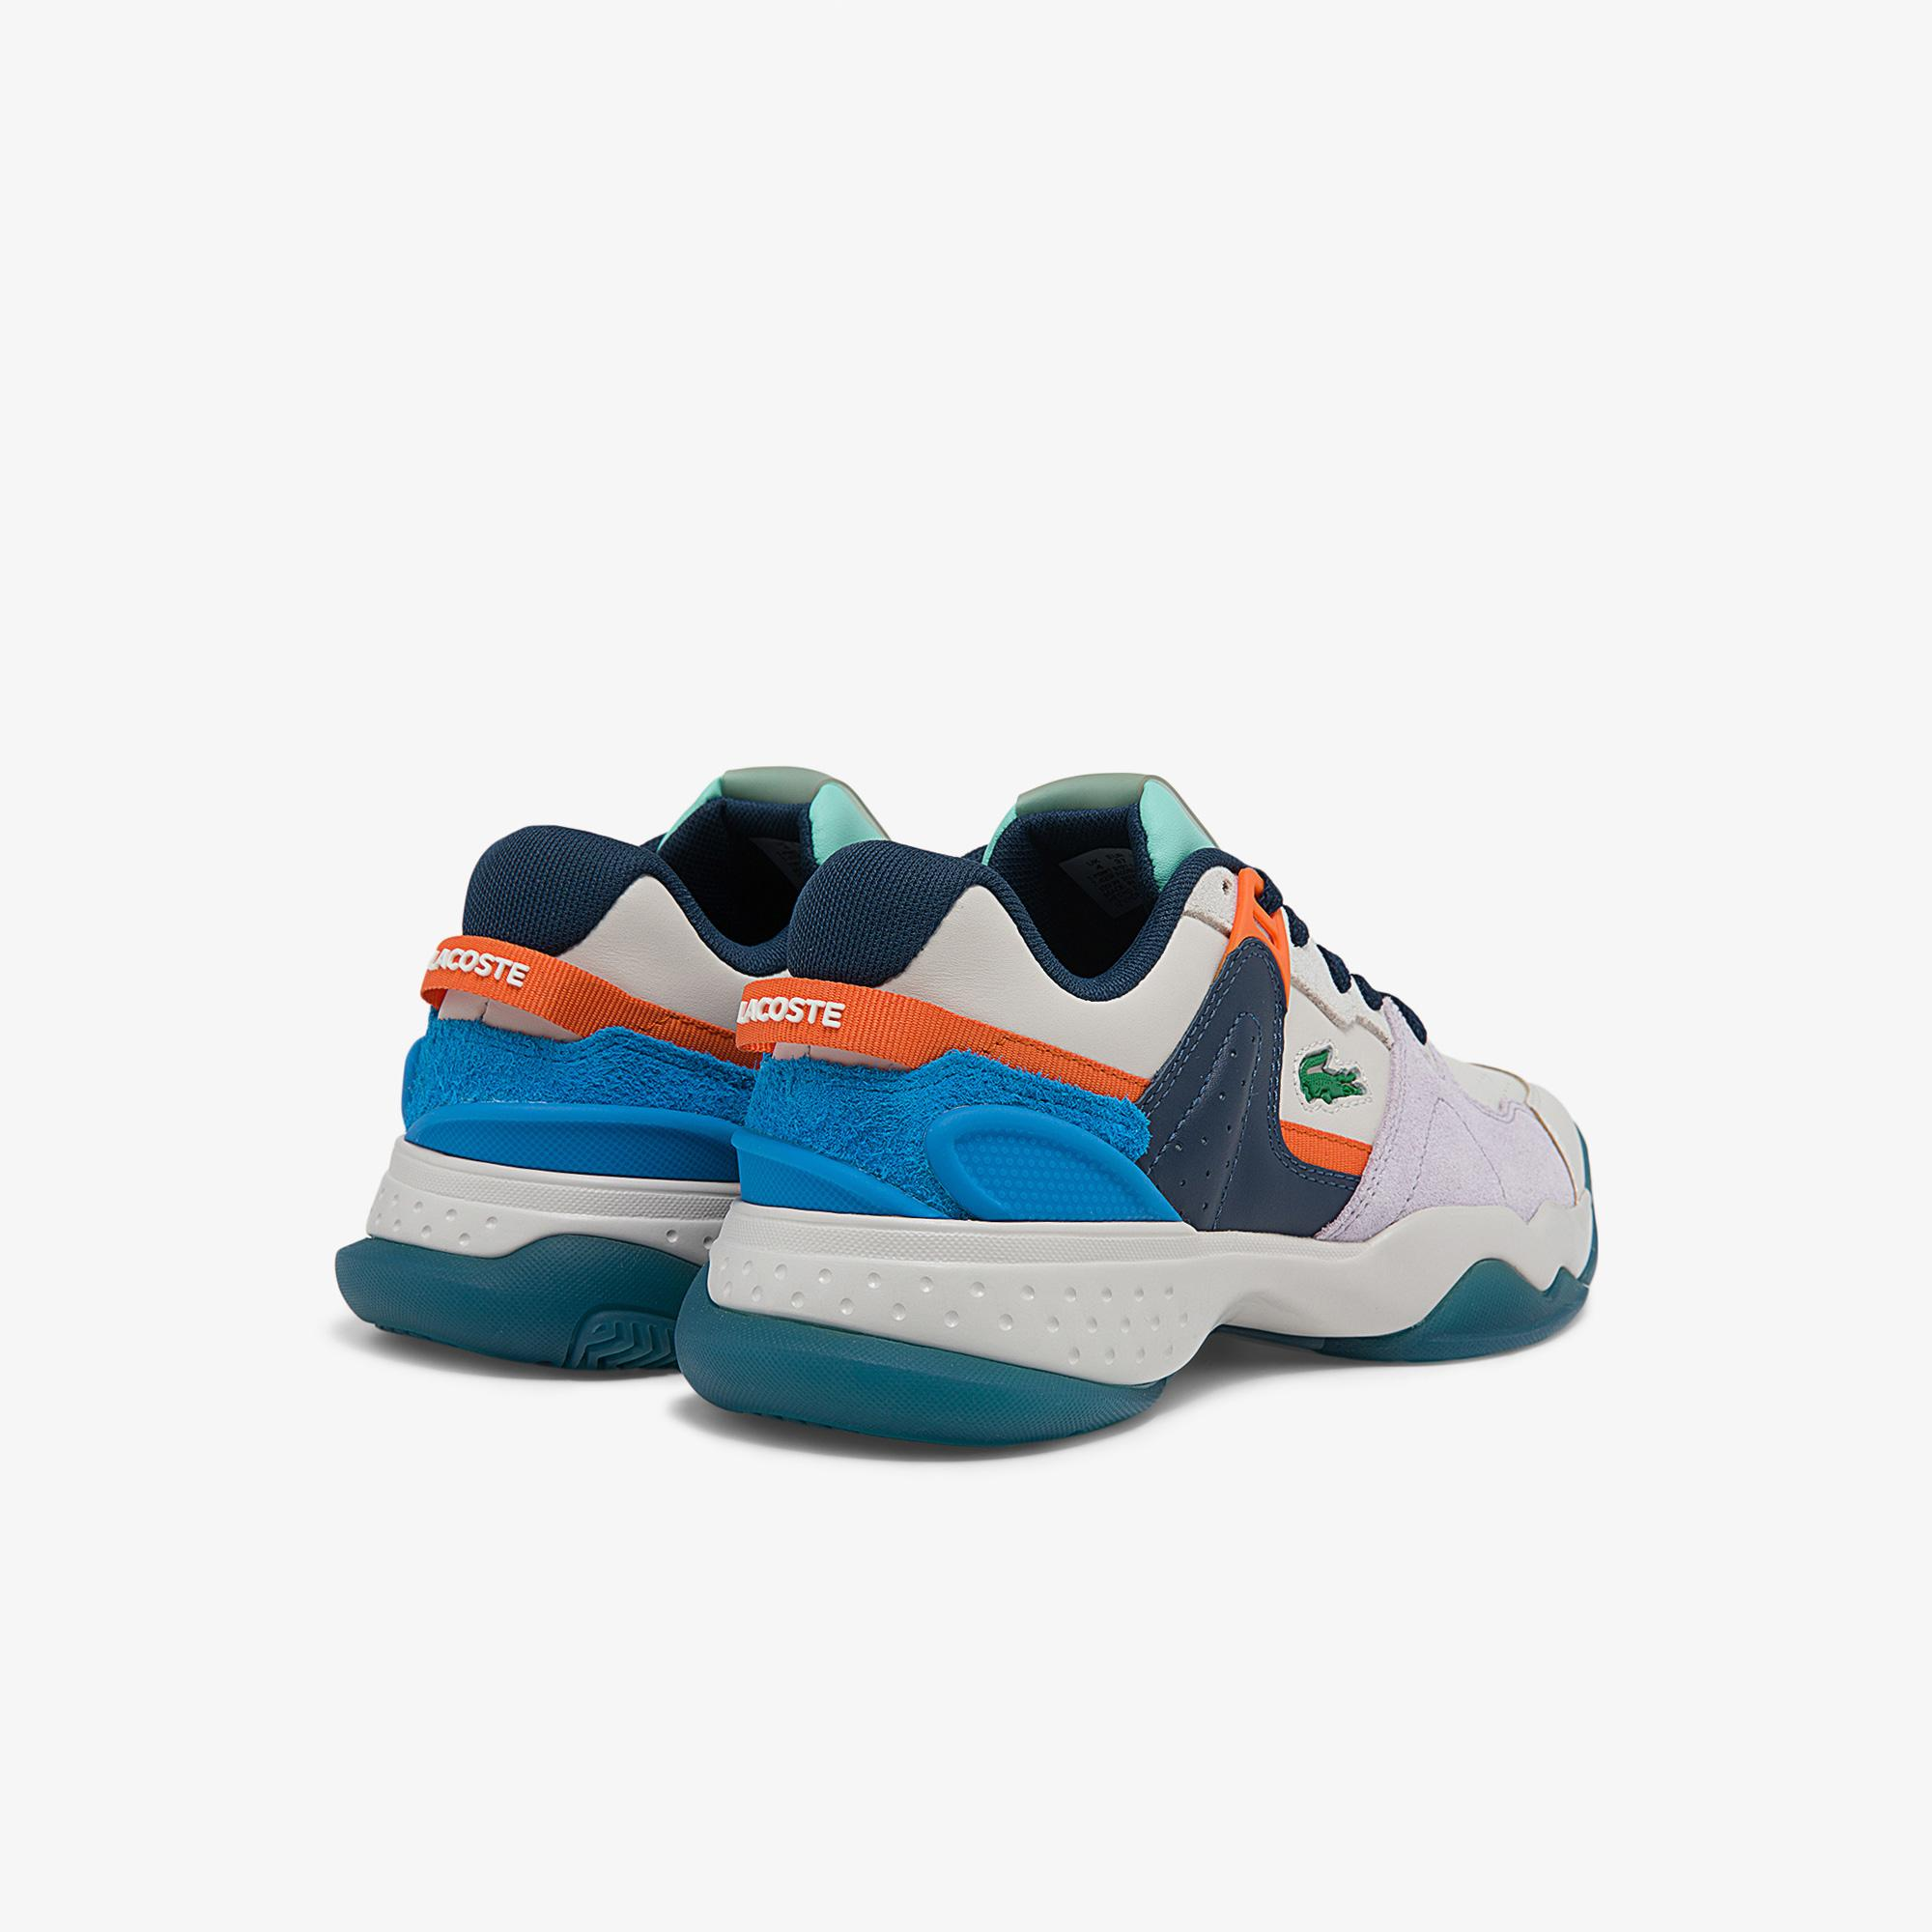 Lacoste T-Point 0121 1 Sfa Kadın Deri Beyaz - Mor Sneaker